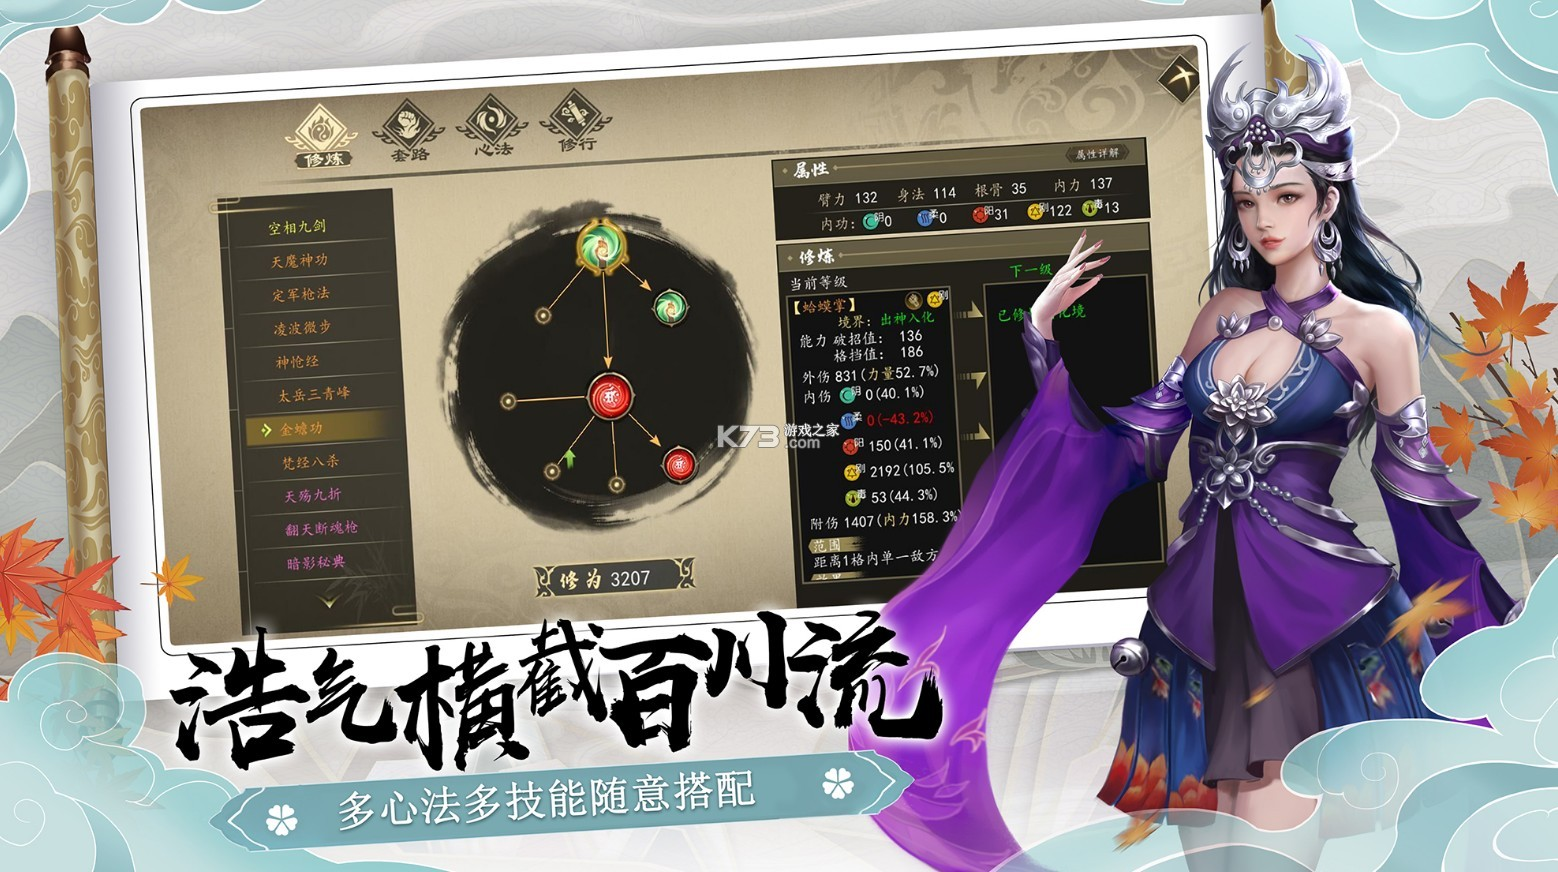 下一站江湖 v6.1 苹果版 截图